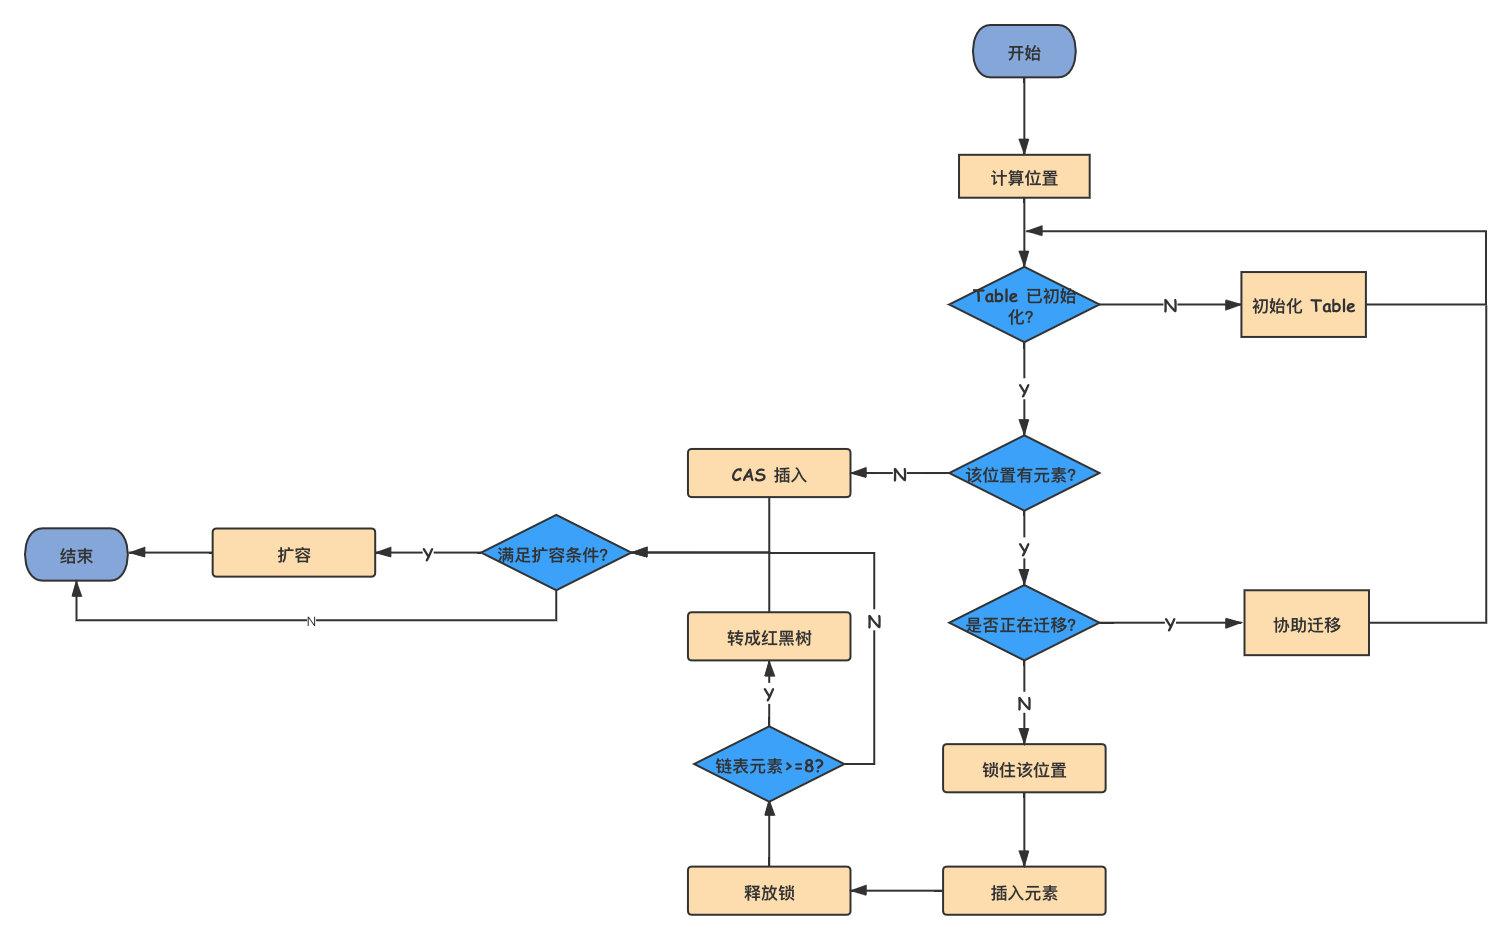 concurrentHashMap-1.8 加入元素